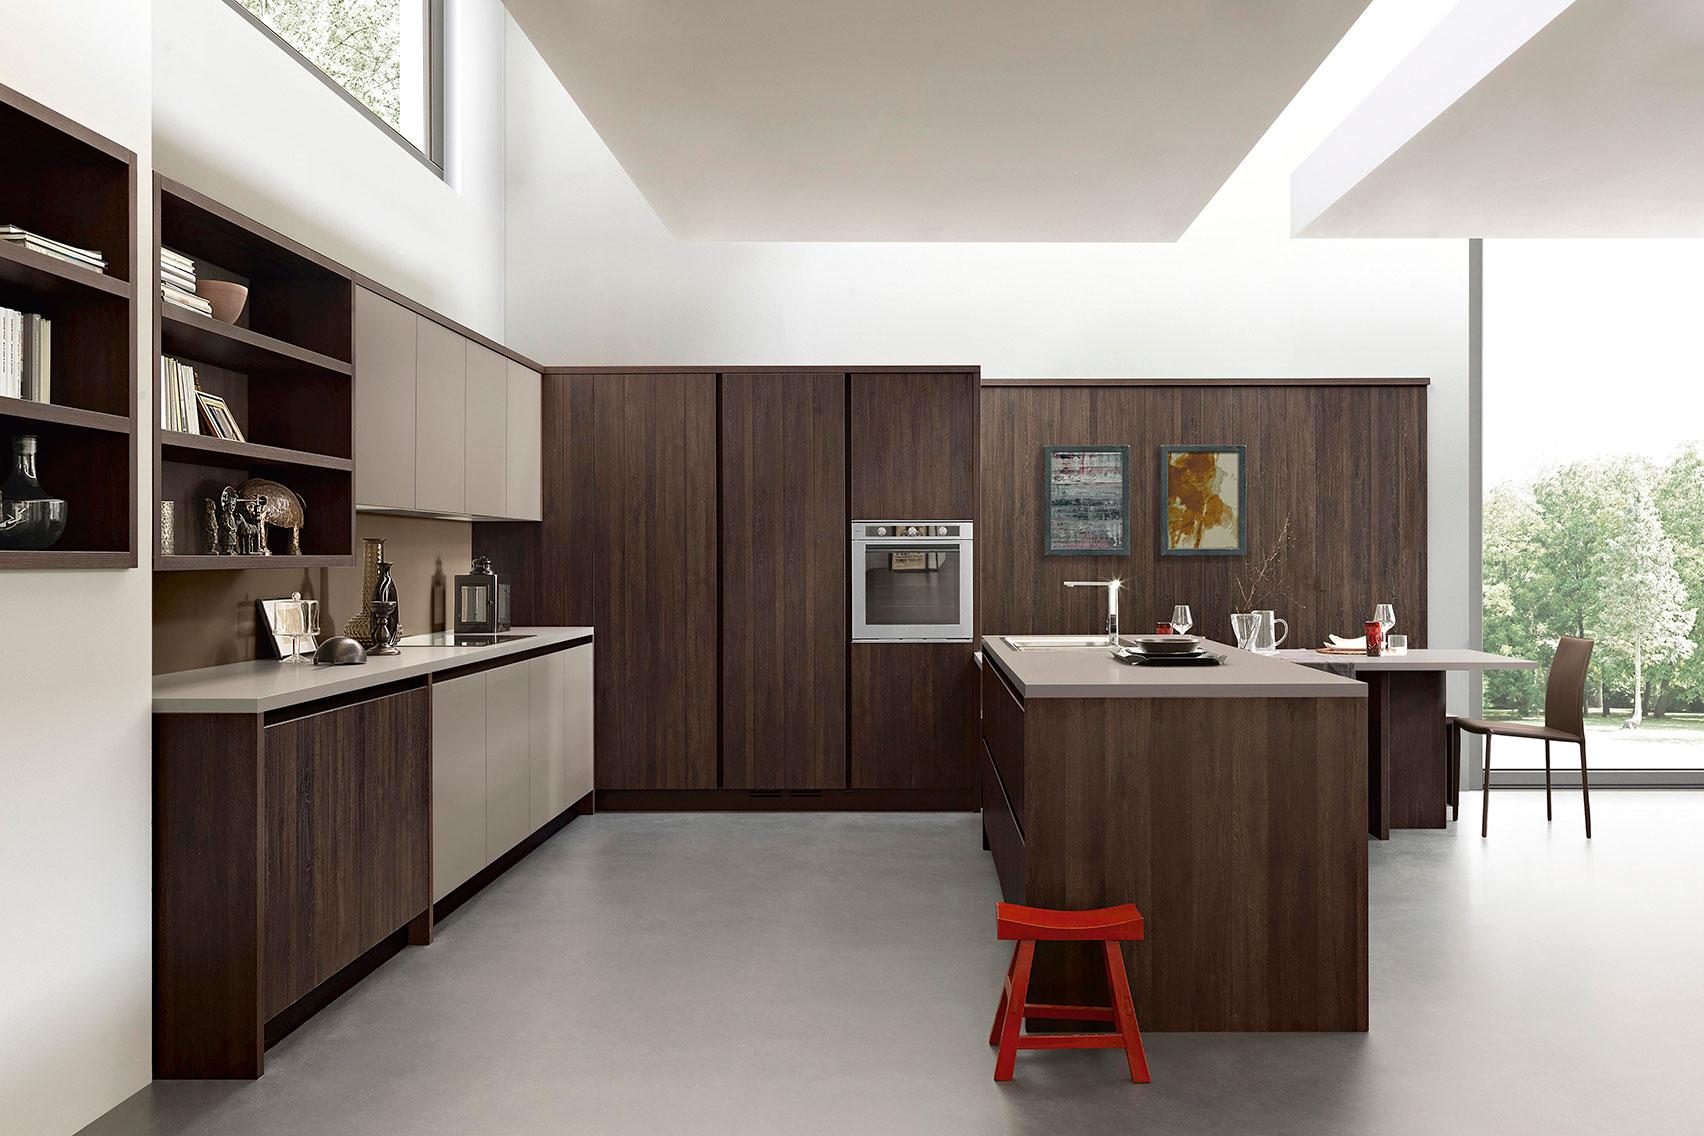 Decoracion de cocinas modernas en zaragoza blunni - Precios de cocinas modernas ...